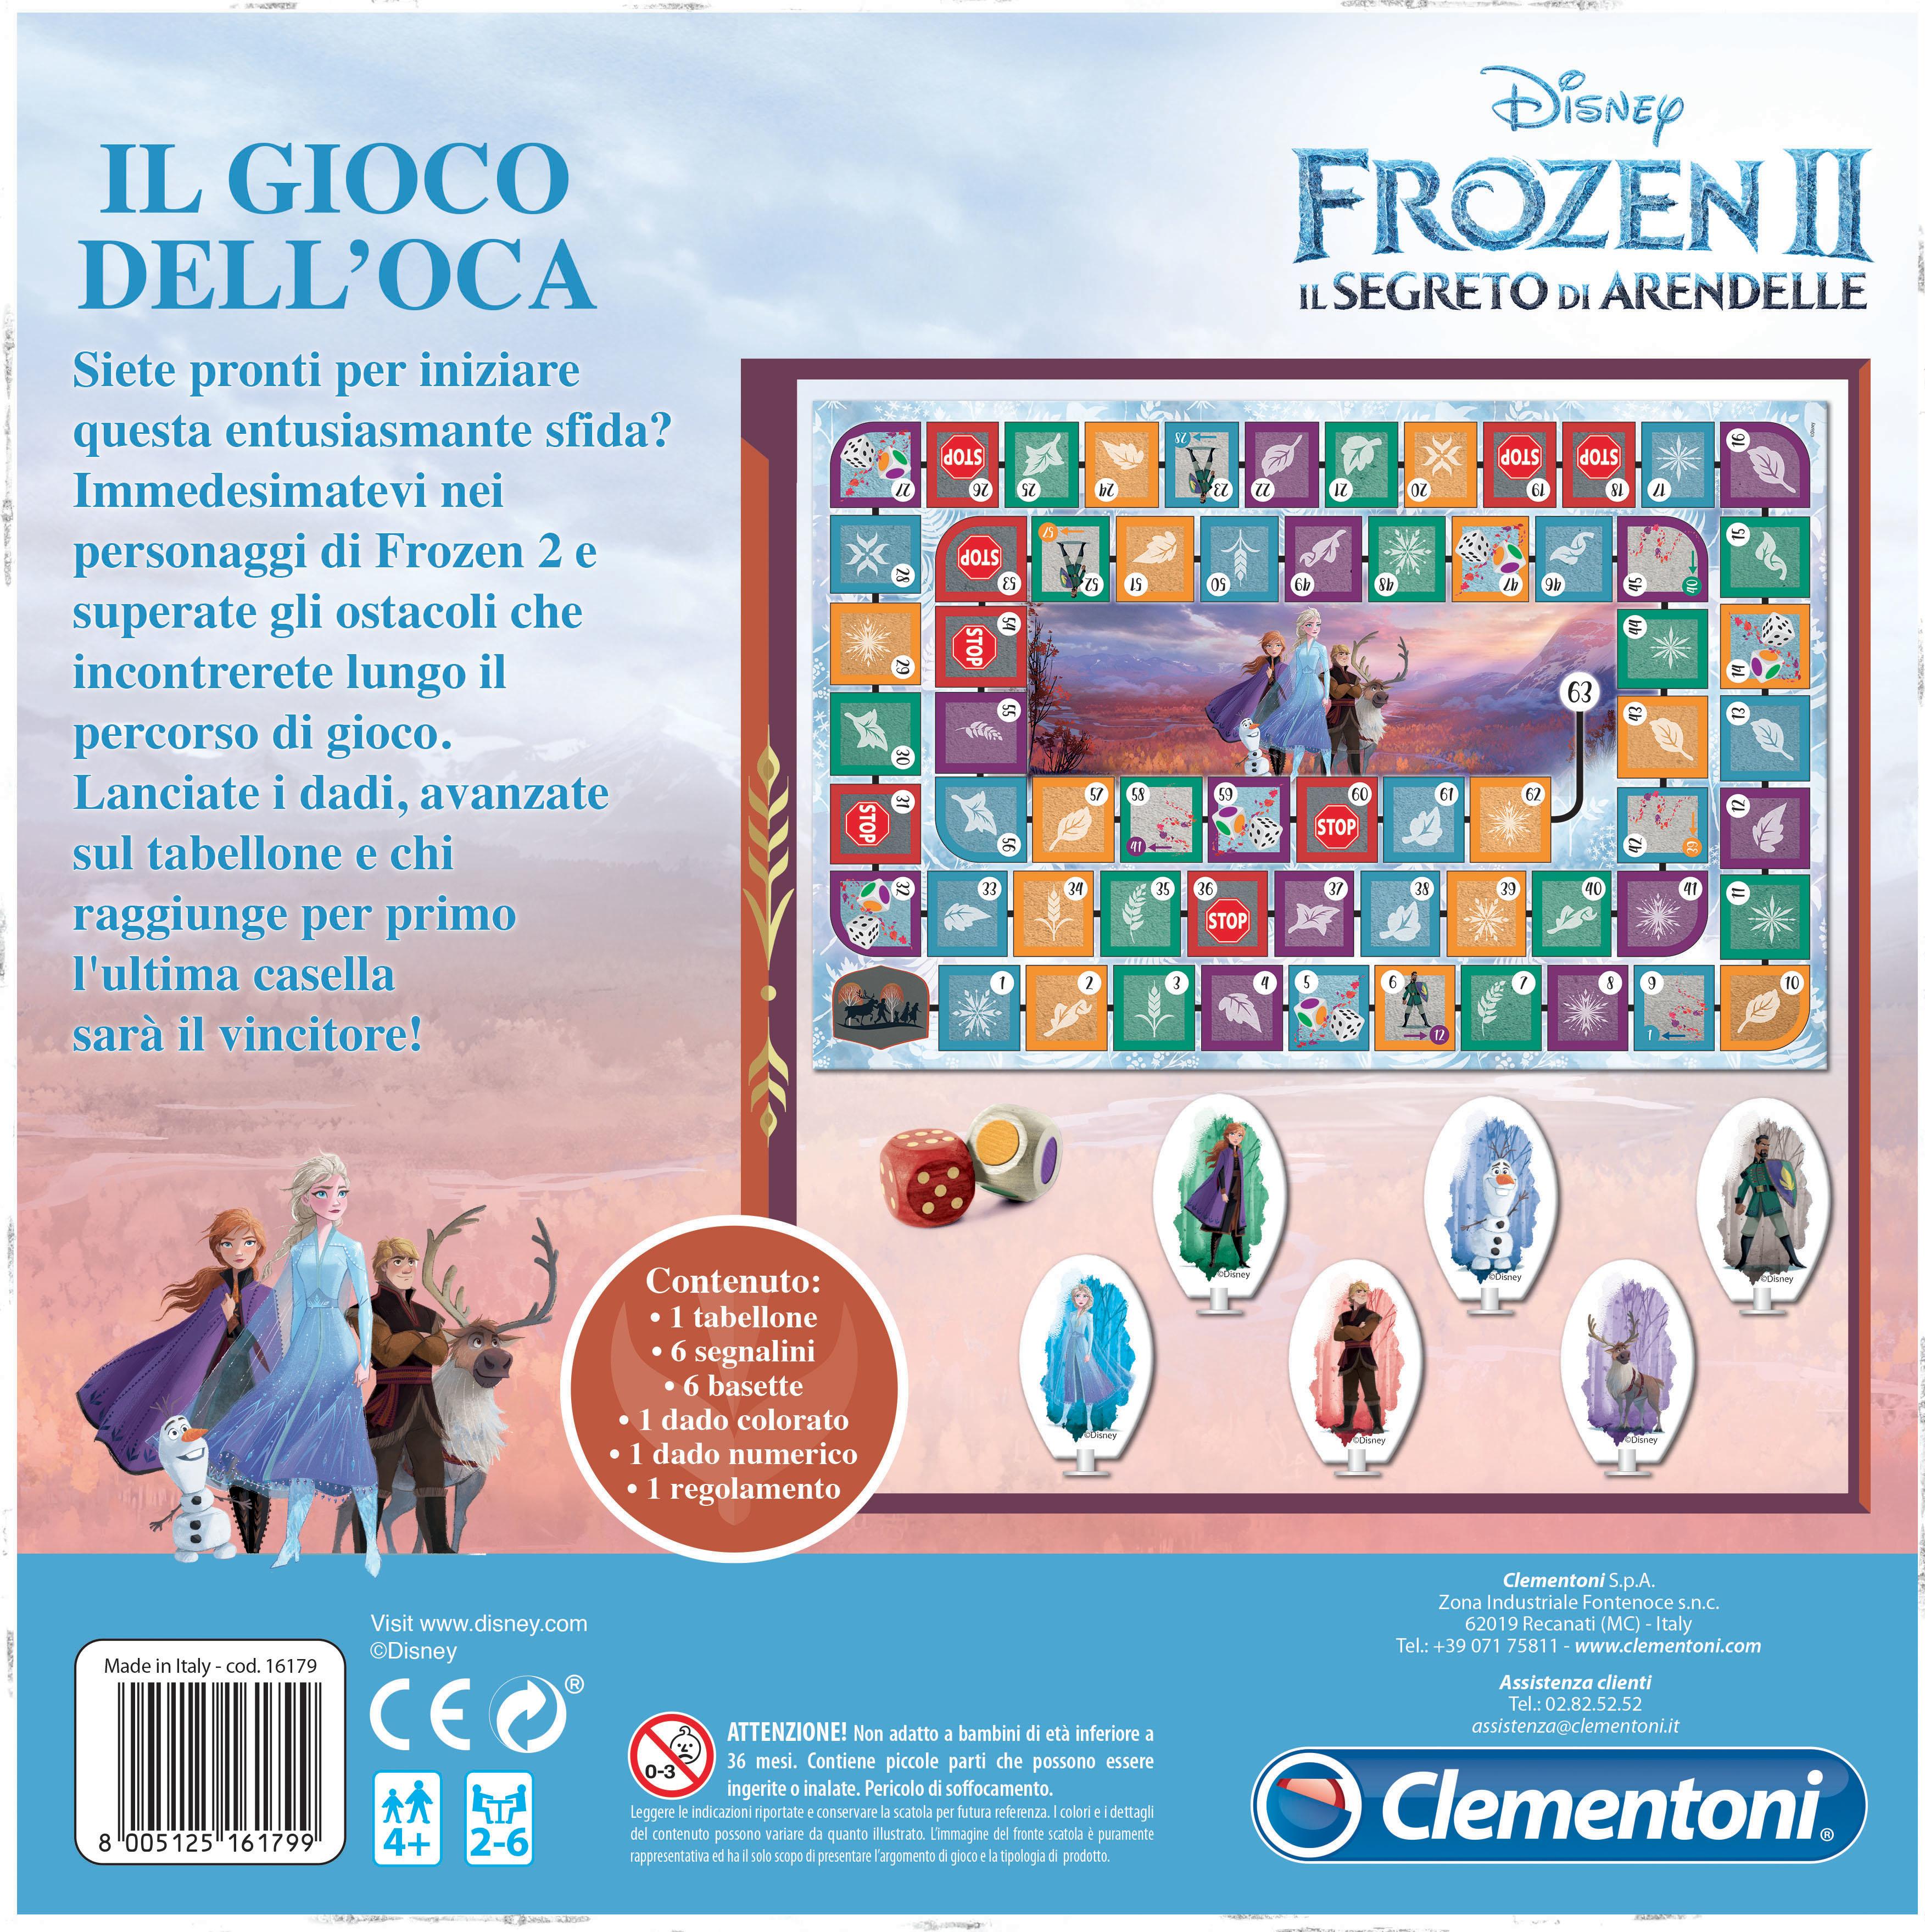 Clementoni  - 16179 - il gioco dell oca disney frozen 2 -